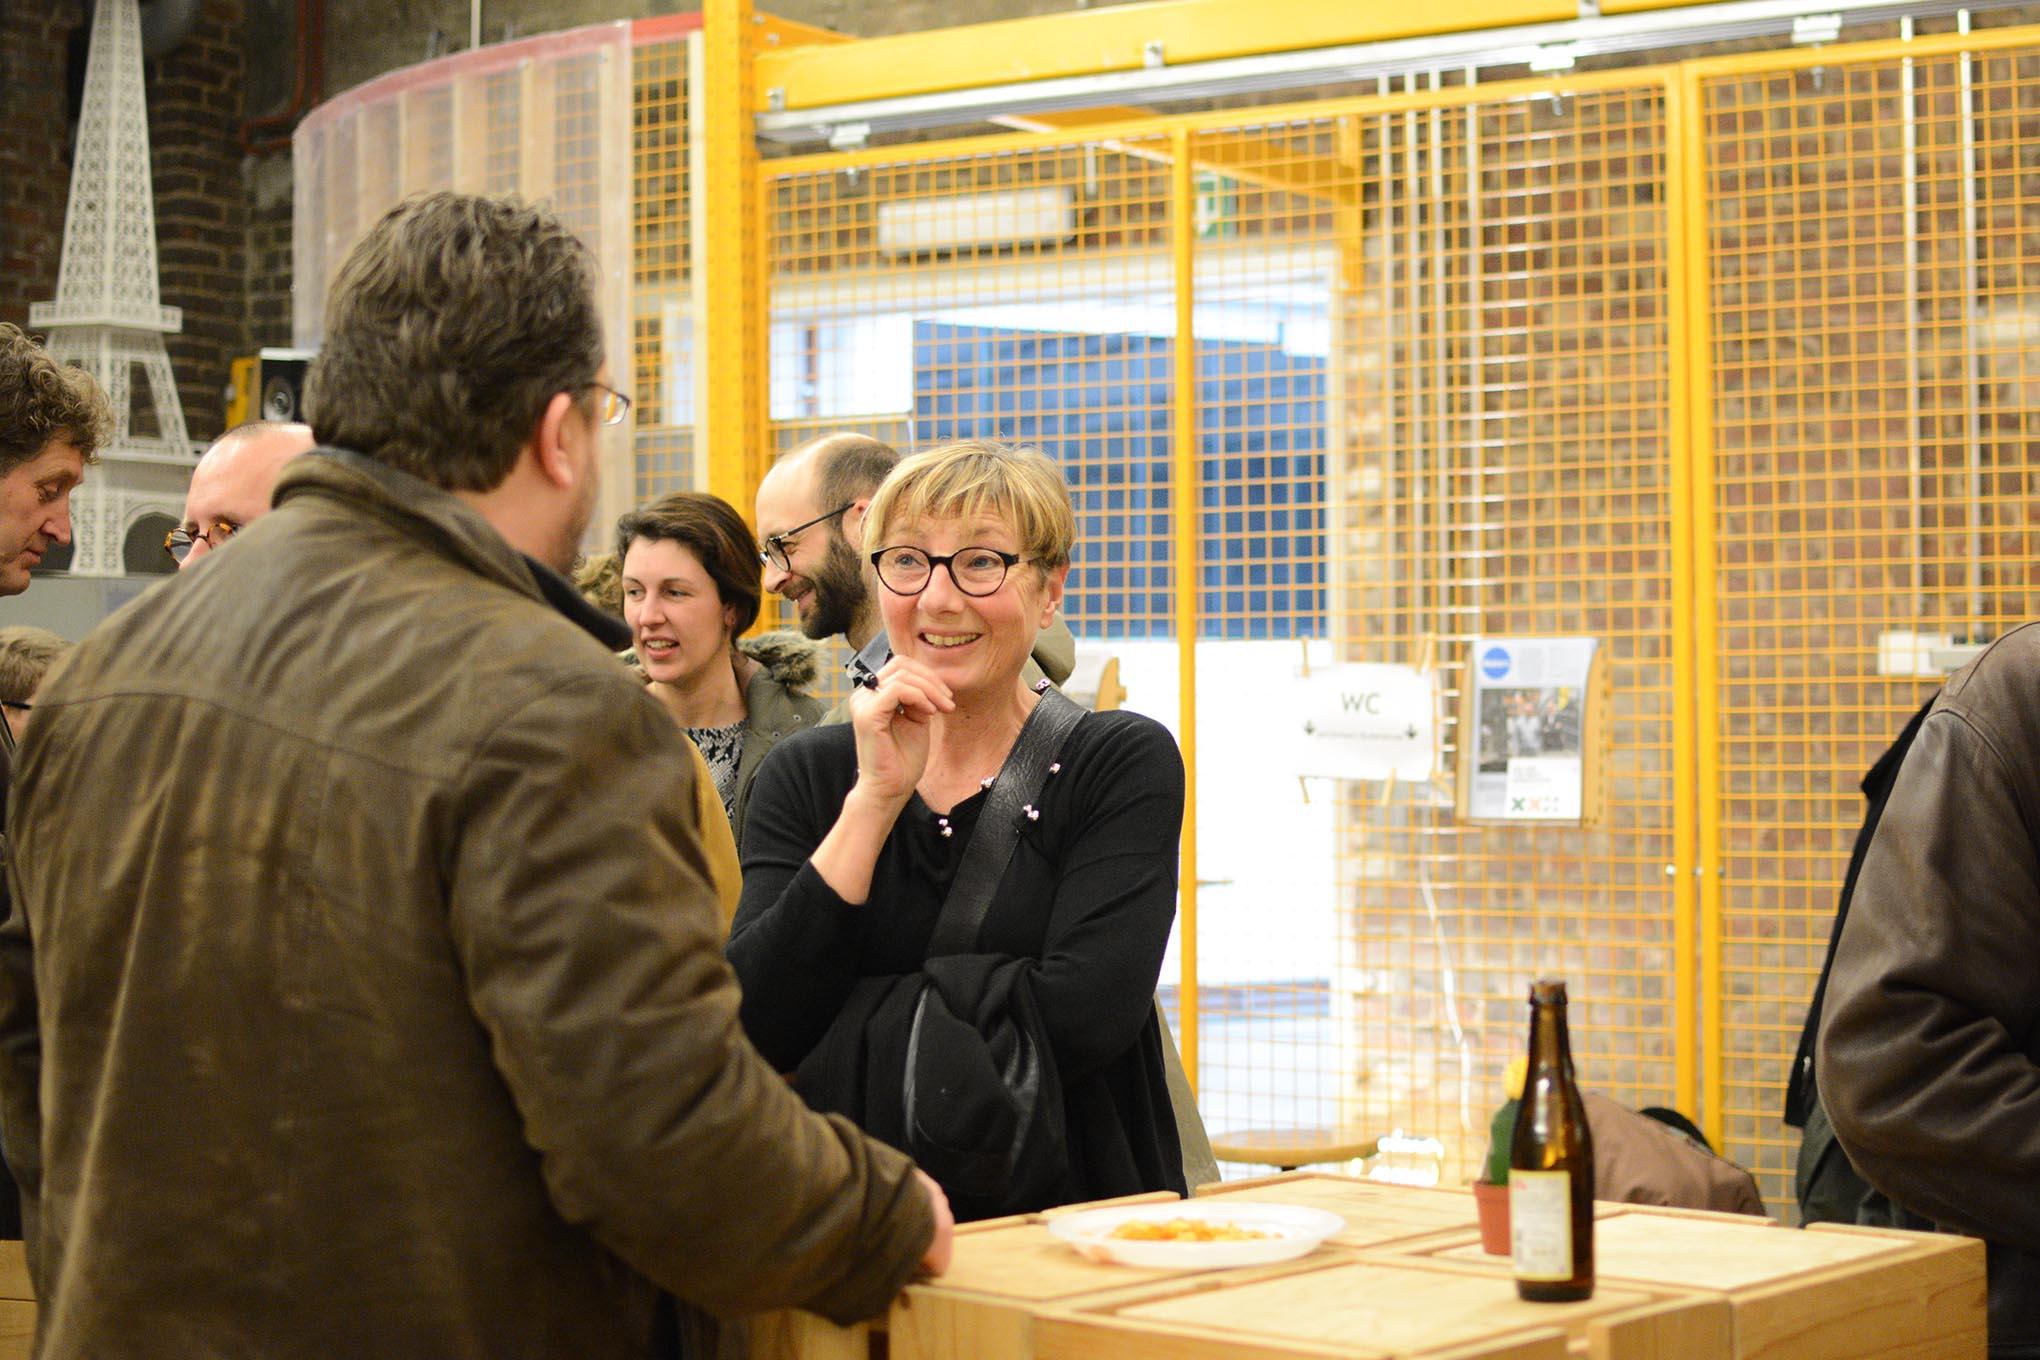 fotografie vernieuwde budalab opening in kortrijk in de budafabriek.